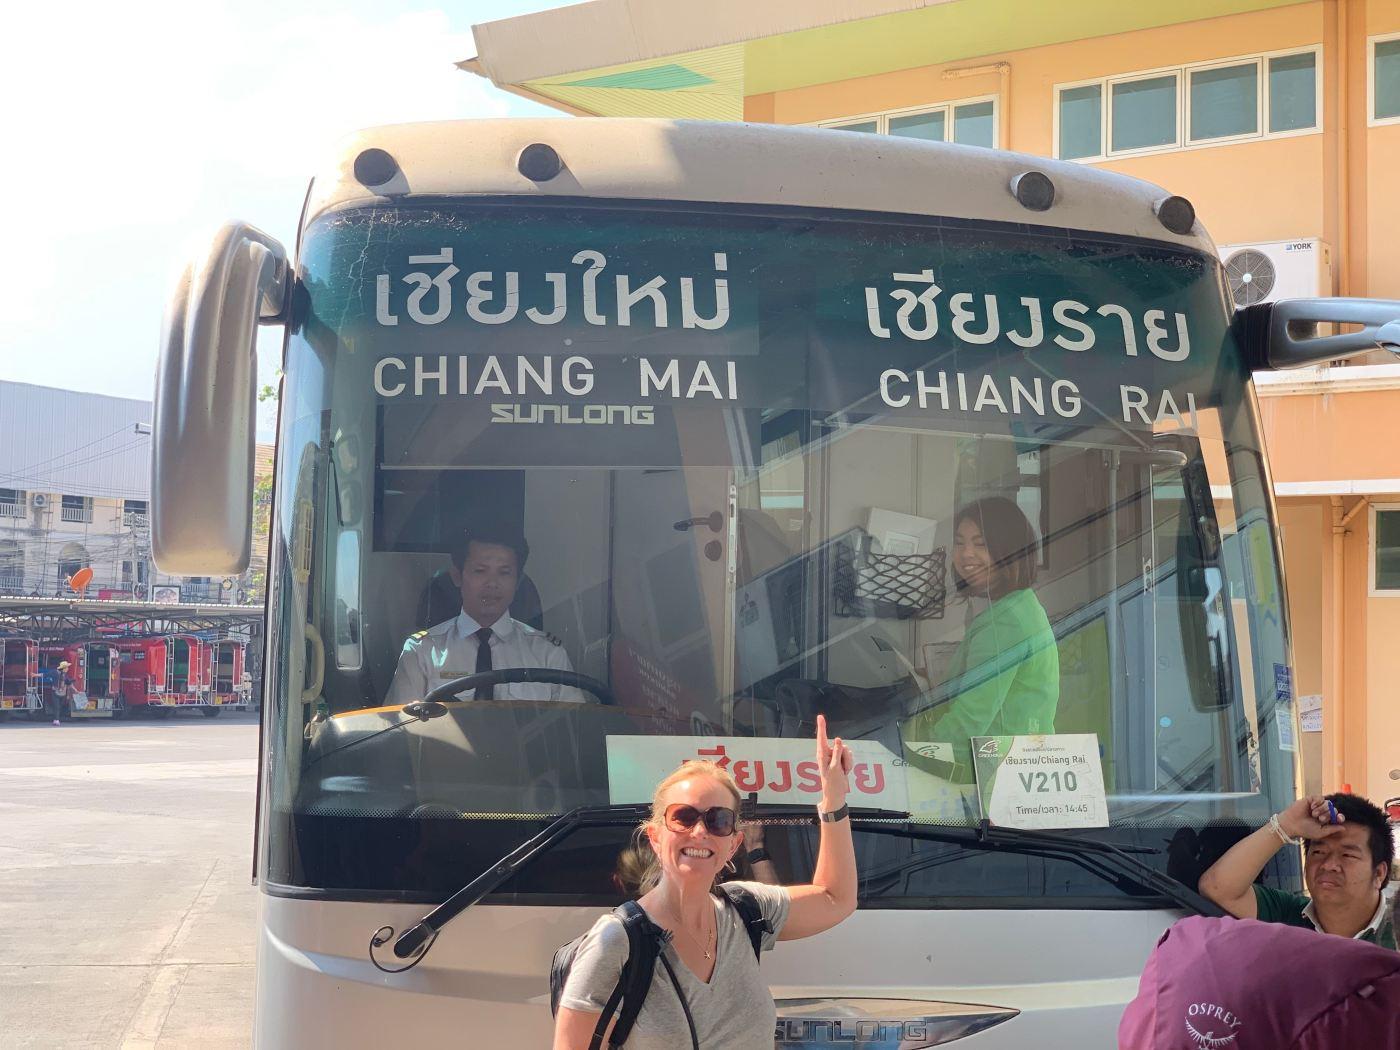 VIP Green Bus Chiang Mai to Chiang Rai